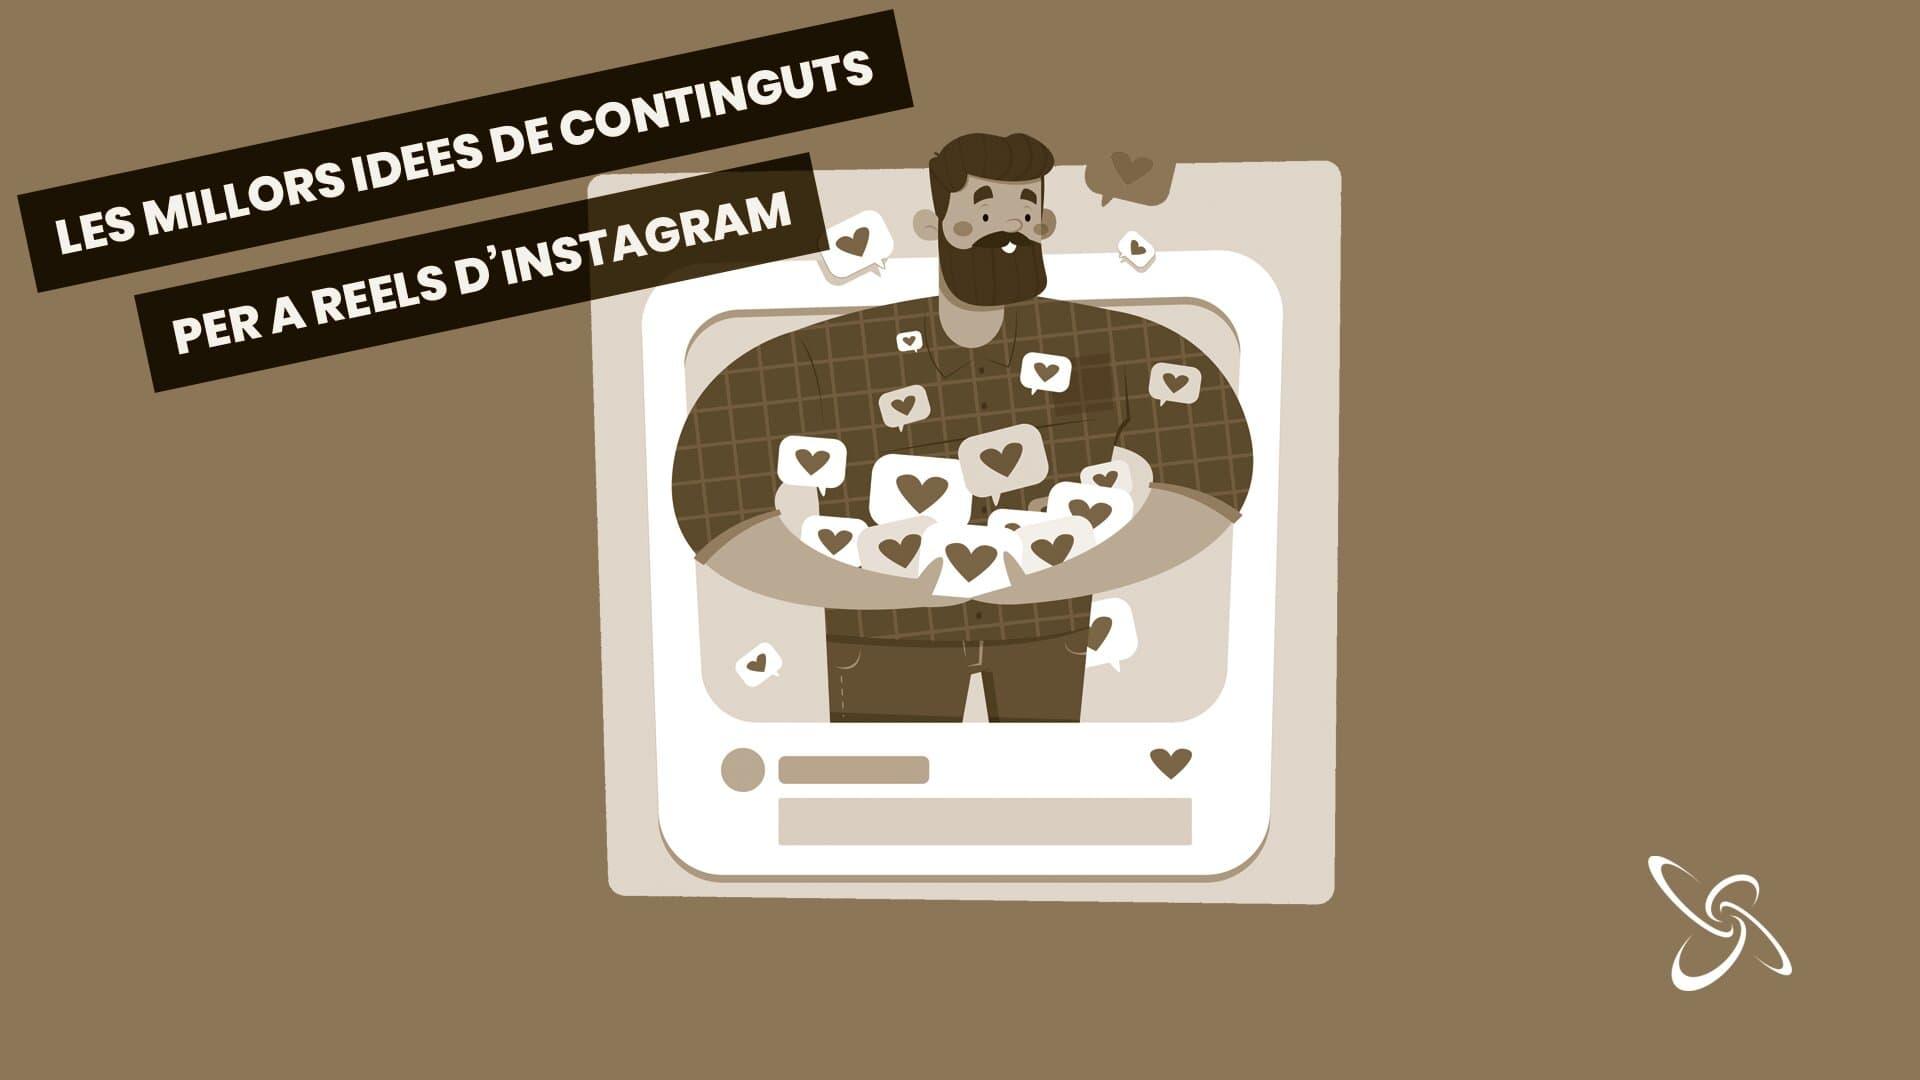 les millors idees de continguts per a Reels d'Instagram